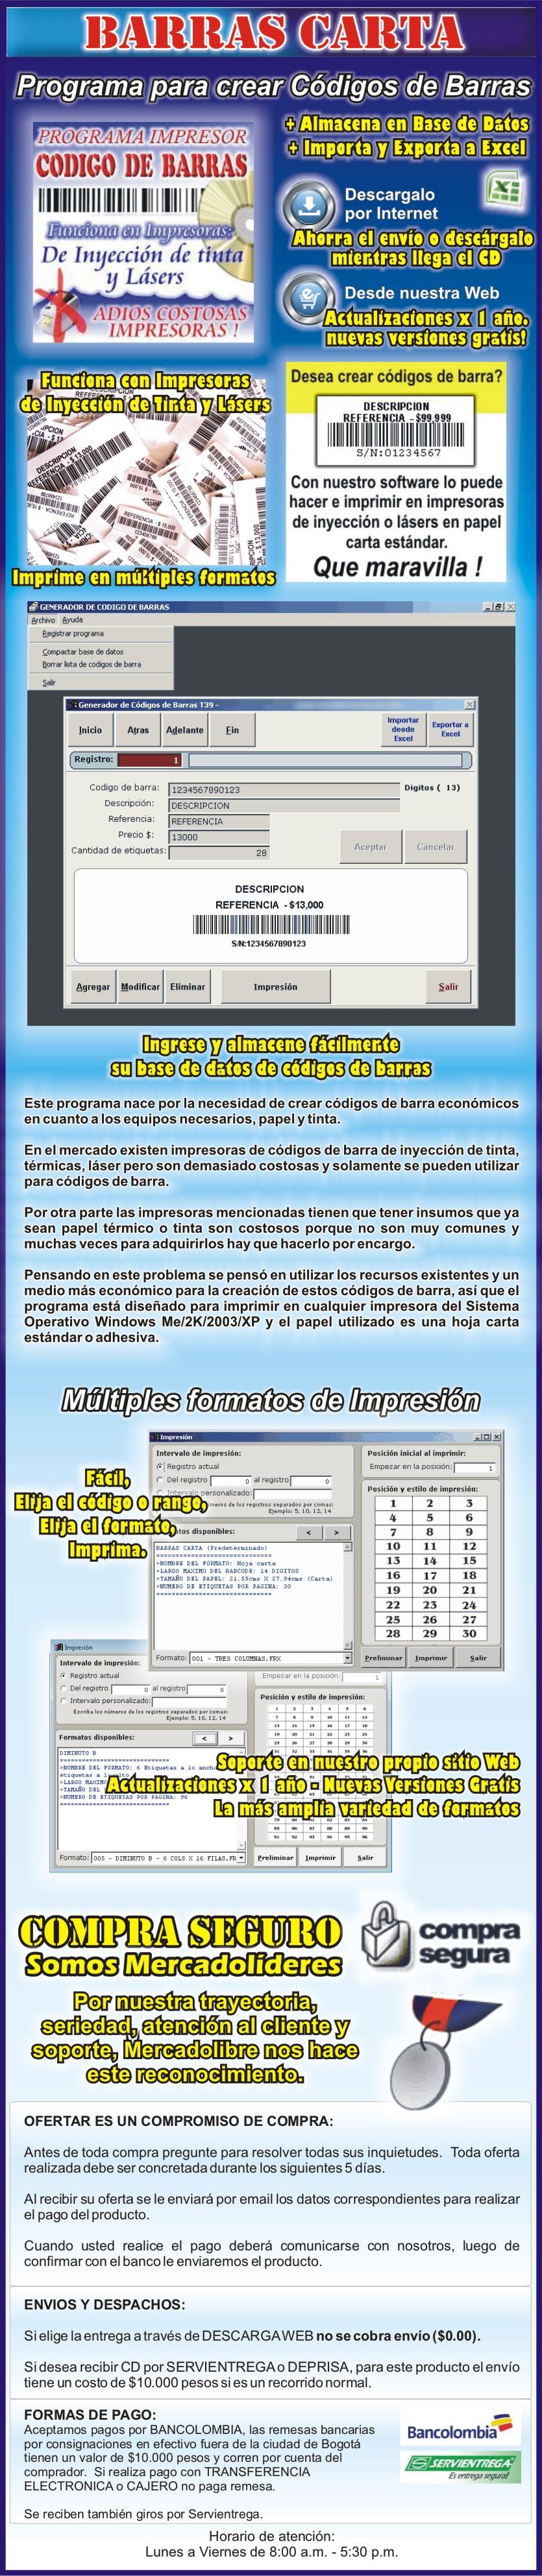 Programa para impresión de etiquetas de códigos de barras usando impresoras convencionales